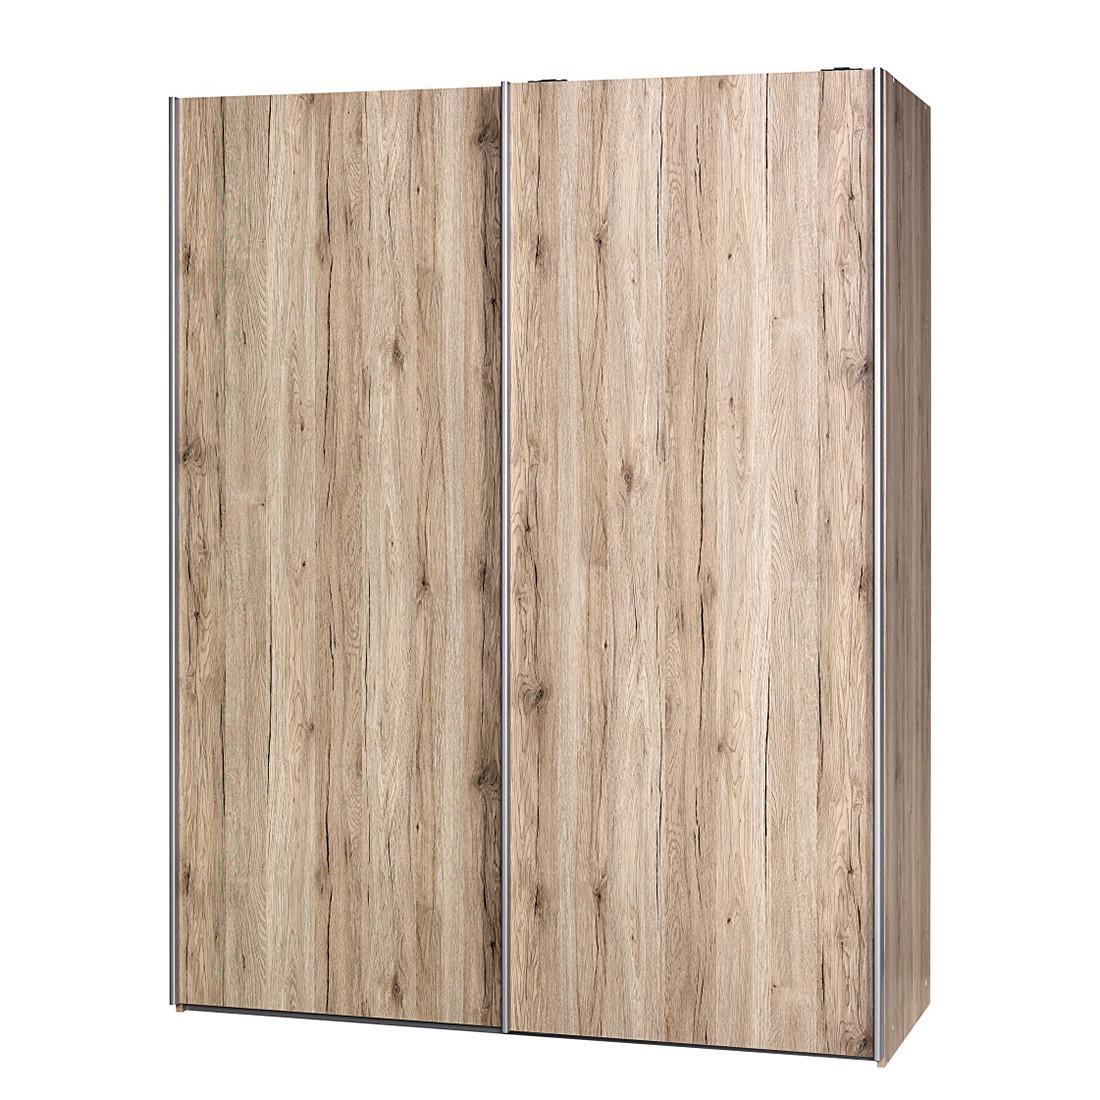 Schuifdeurkast Soft Smart II - 150cm (2-deurs) - San Remo eikenhouten look - San Remo eikenhouten look, Cs Schmal